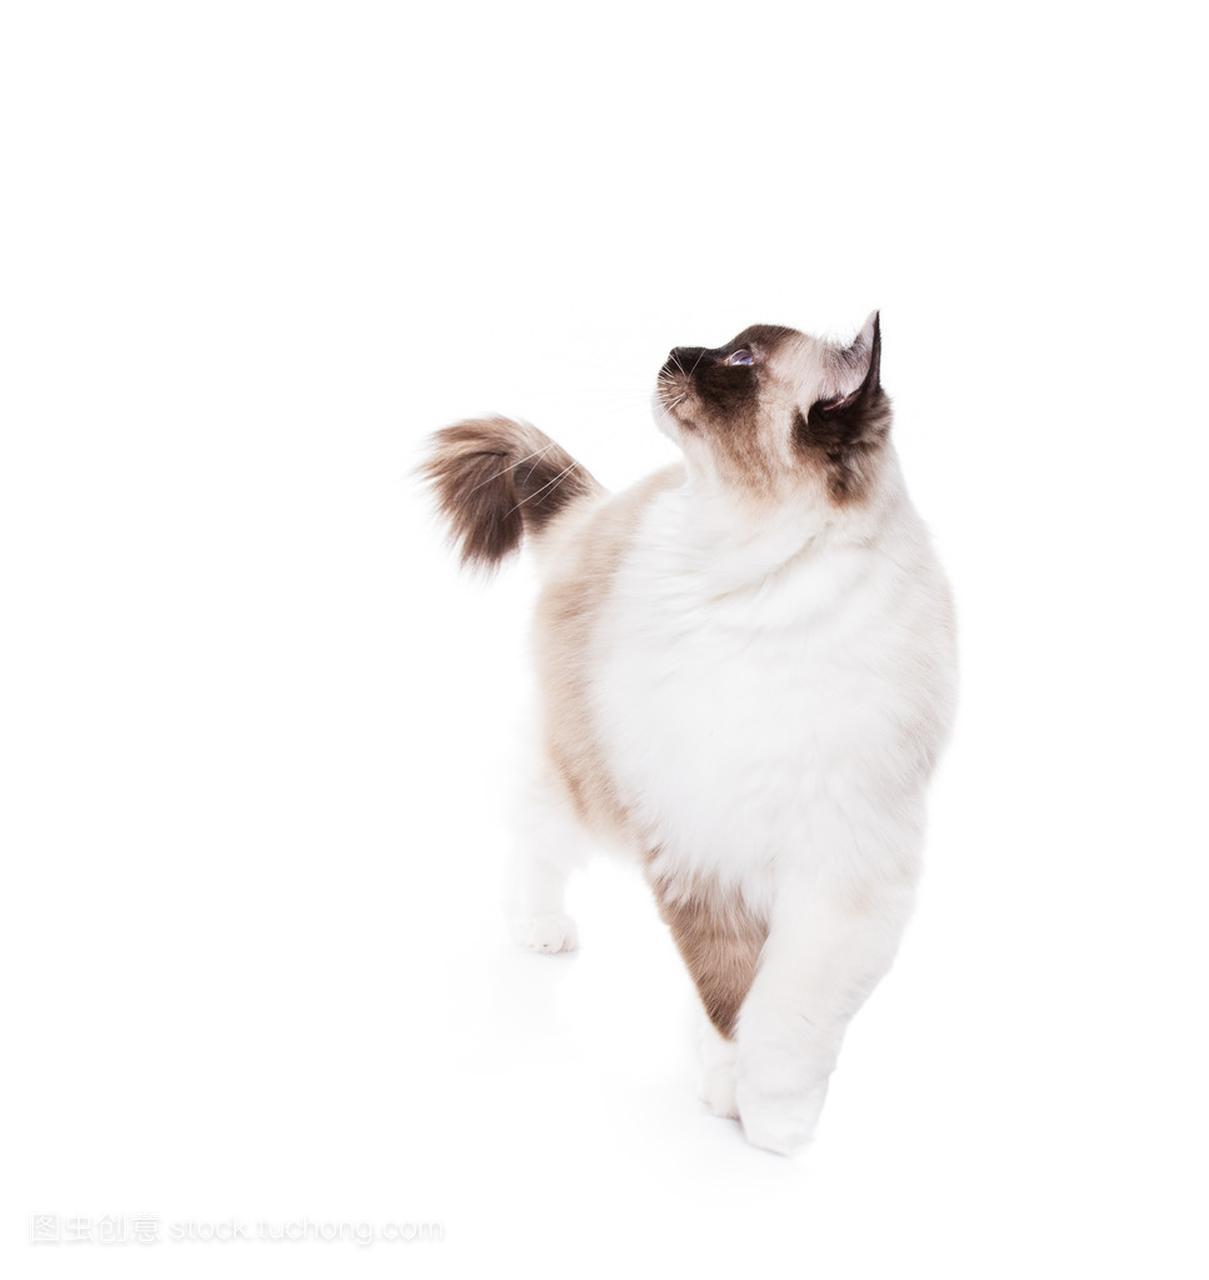 用一个狮子布偶刮胡子只图纸猫主要发型看图片